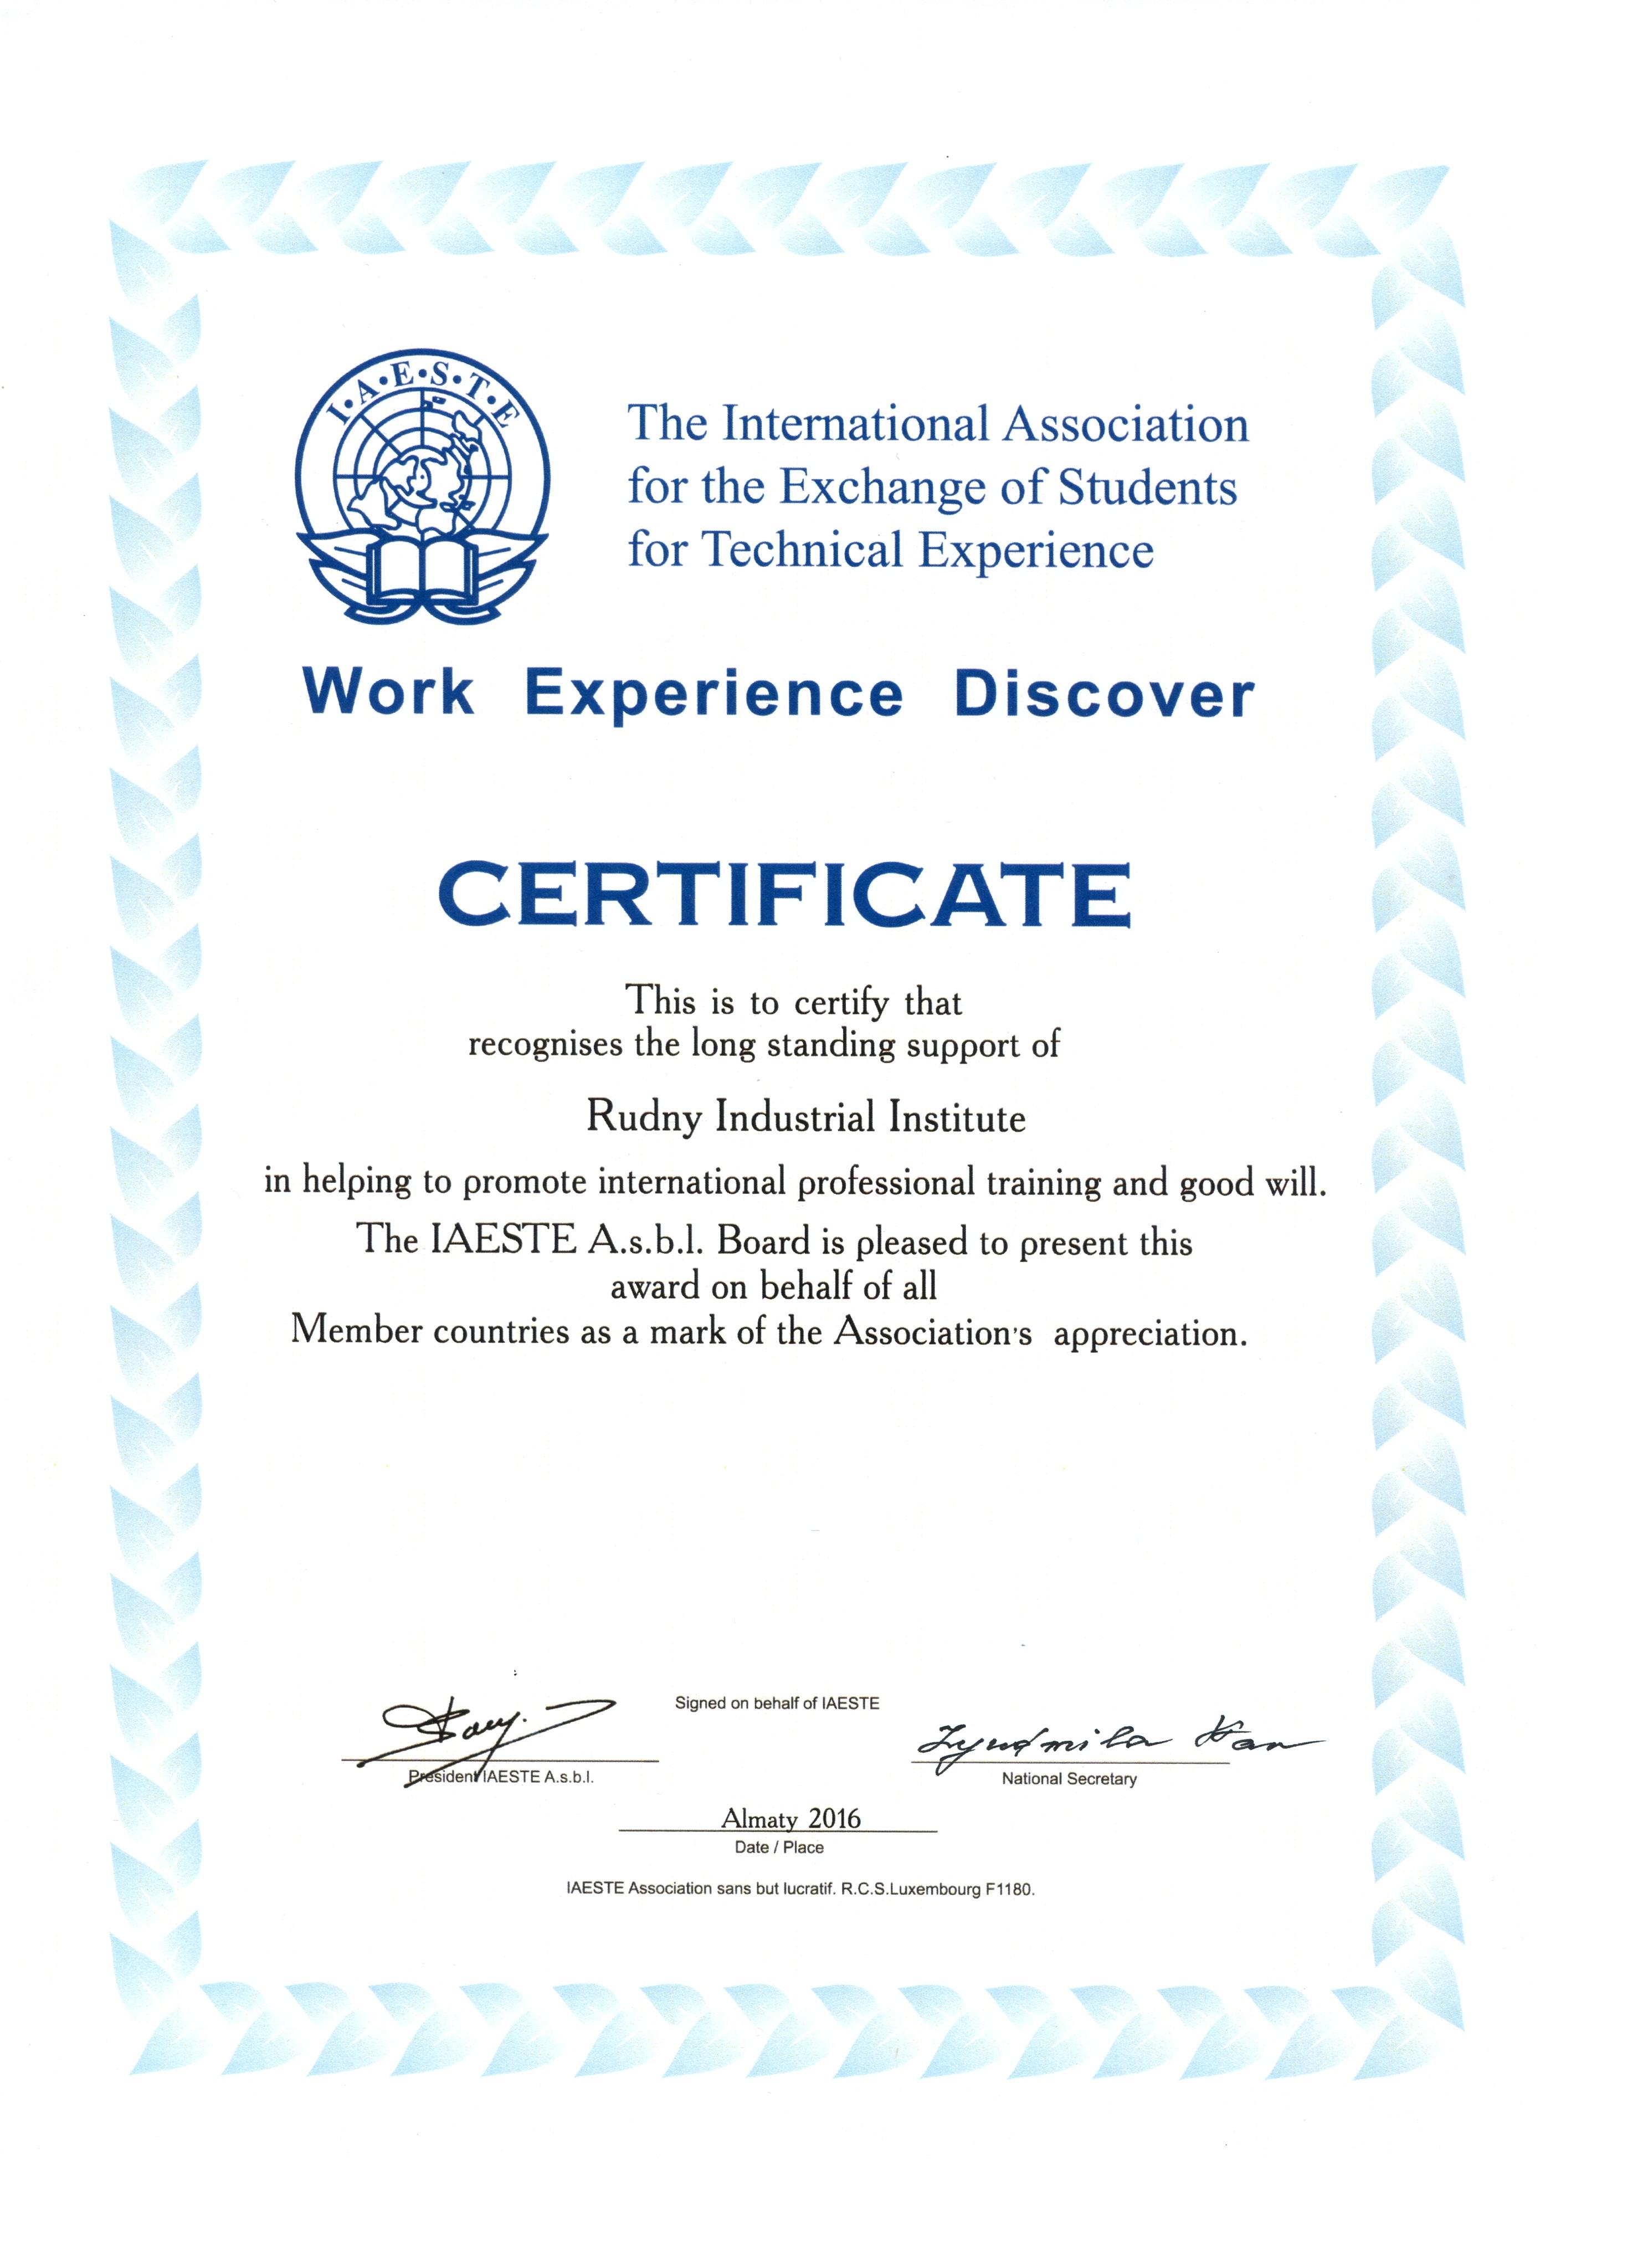 iaeste-certificate-for-rii